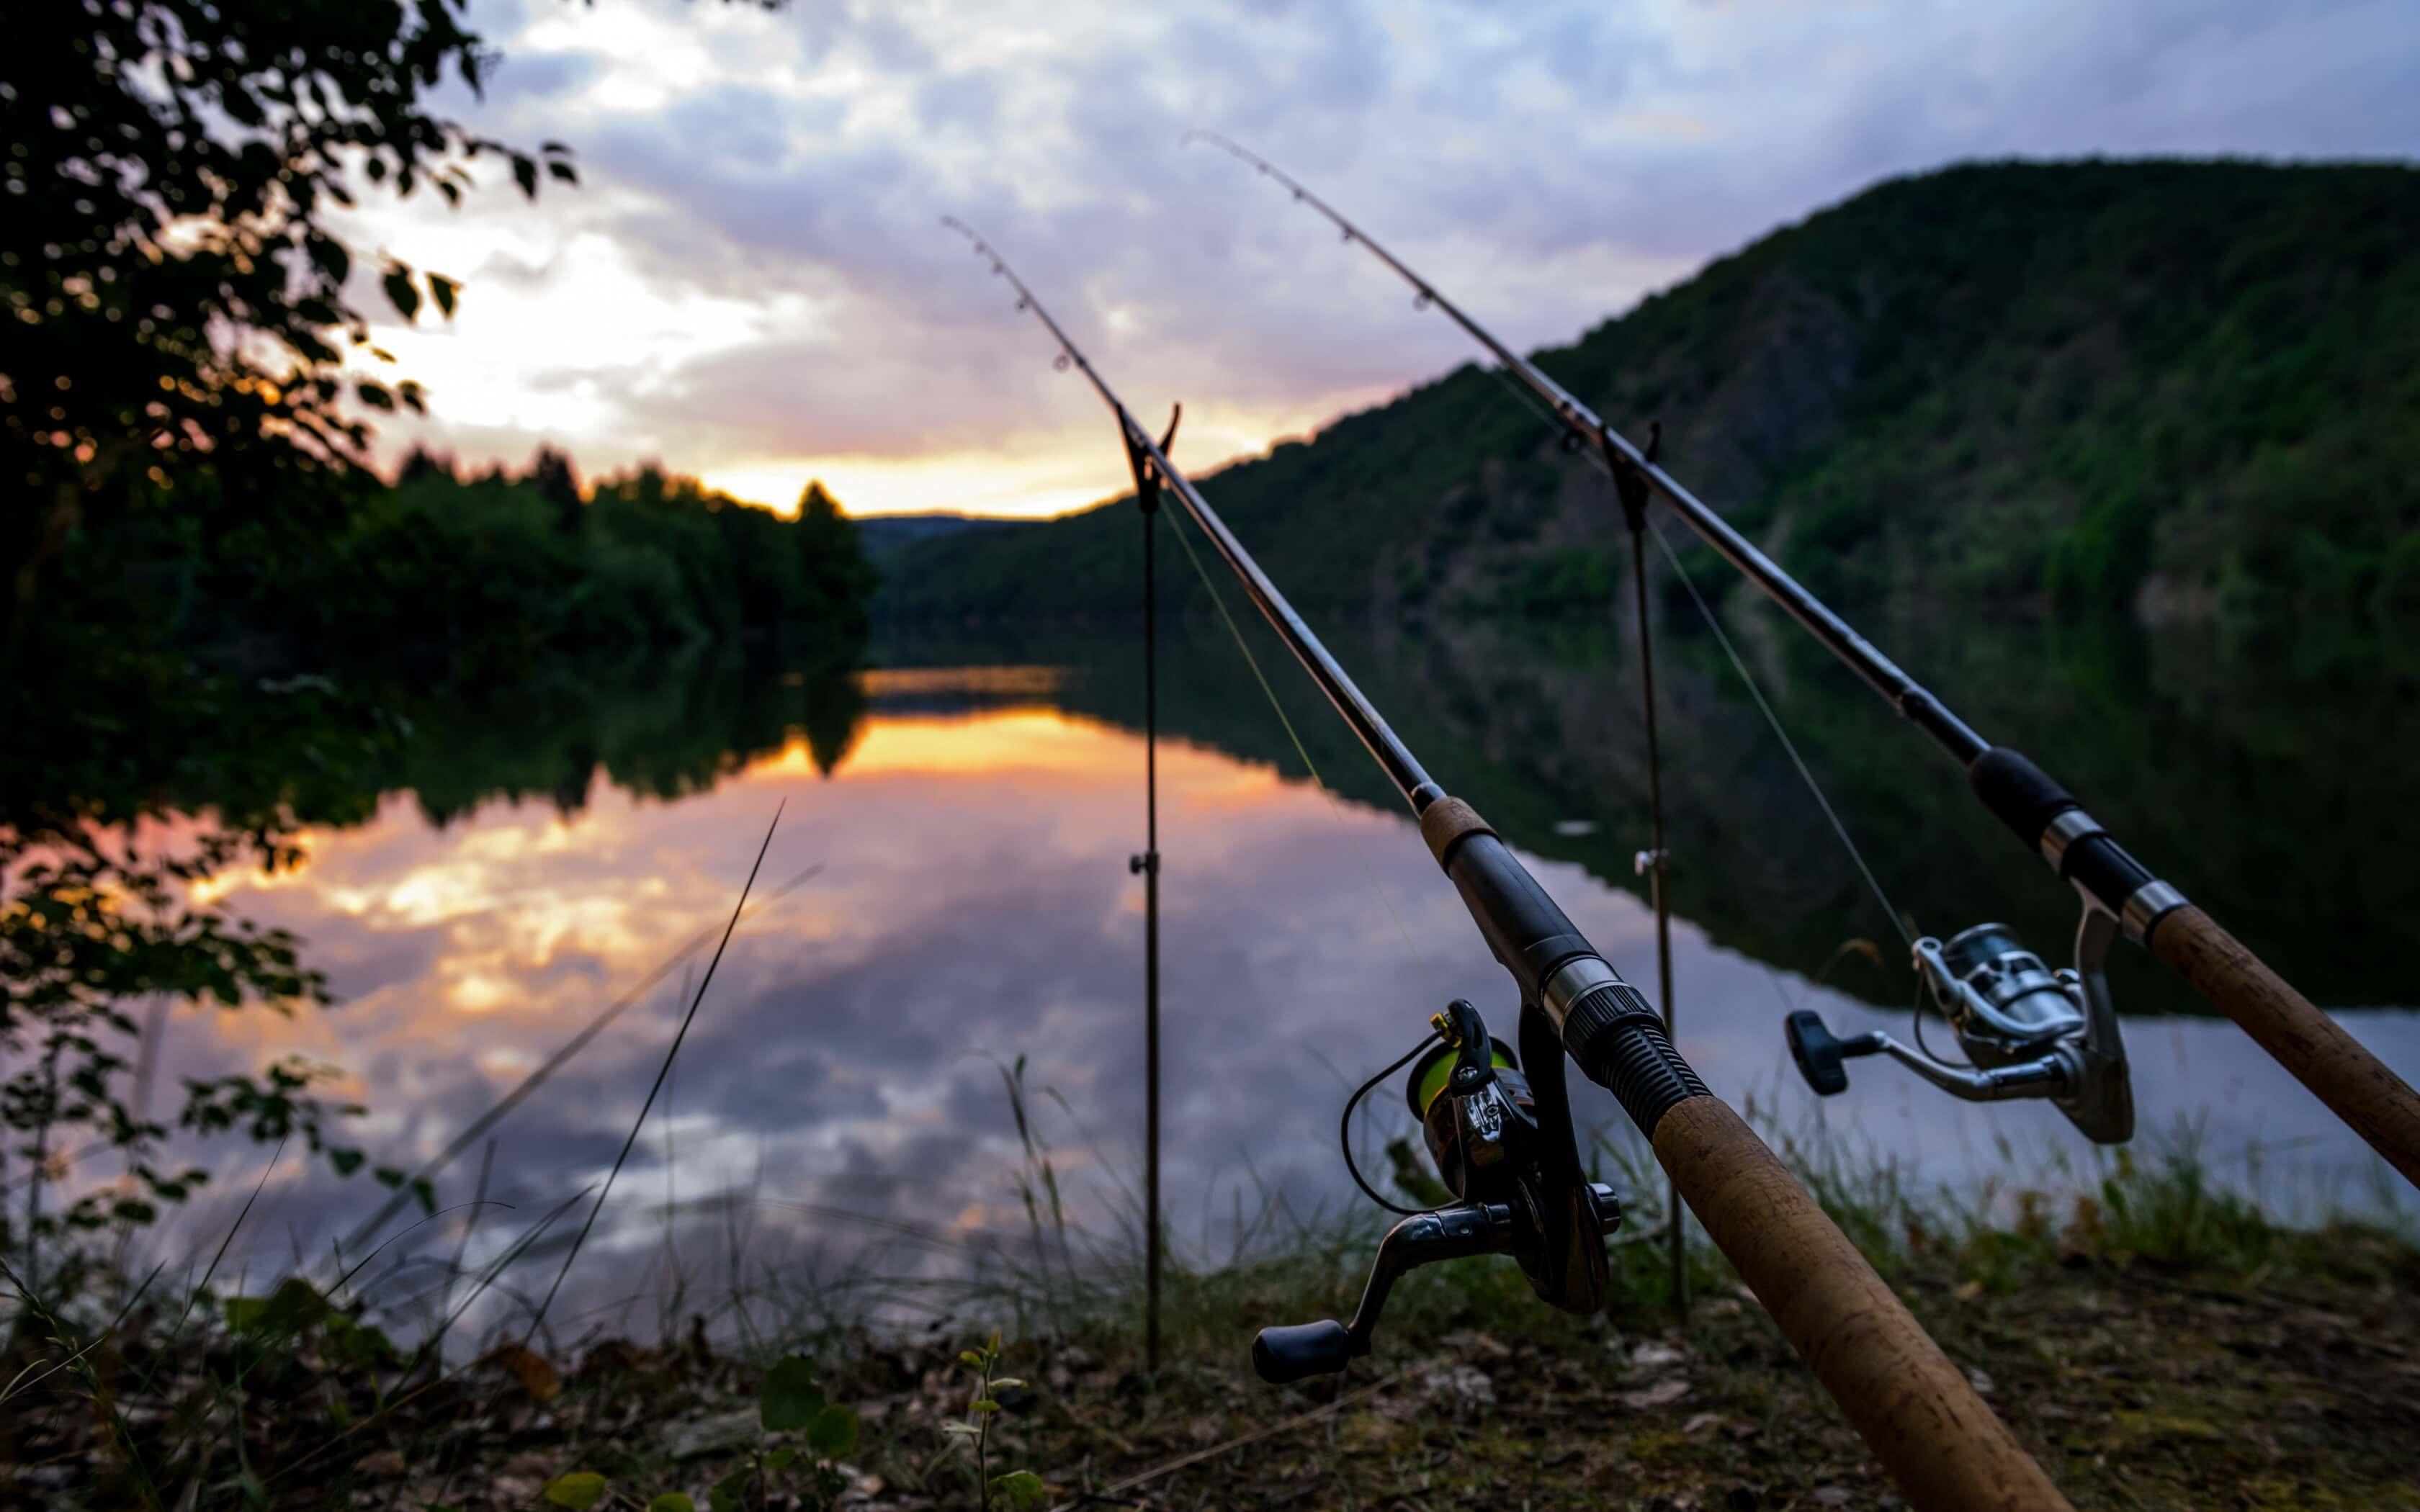 Картинки на рыбалке на заставку, открытки